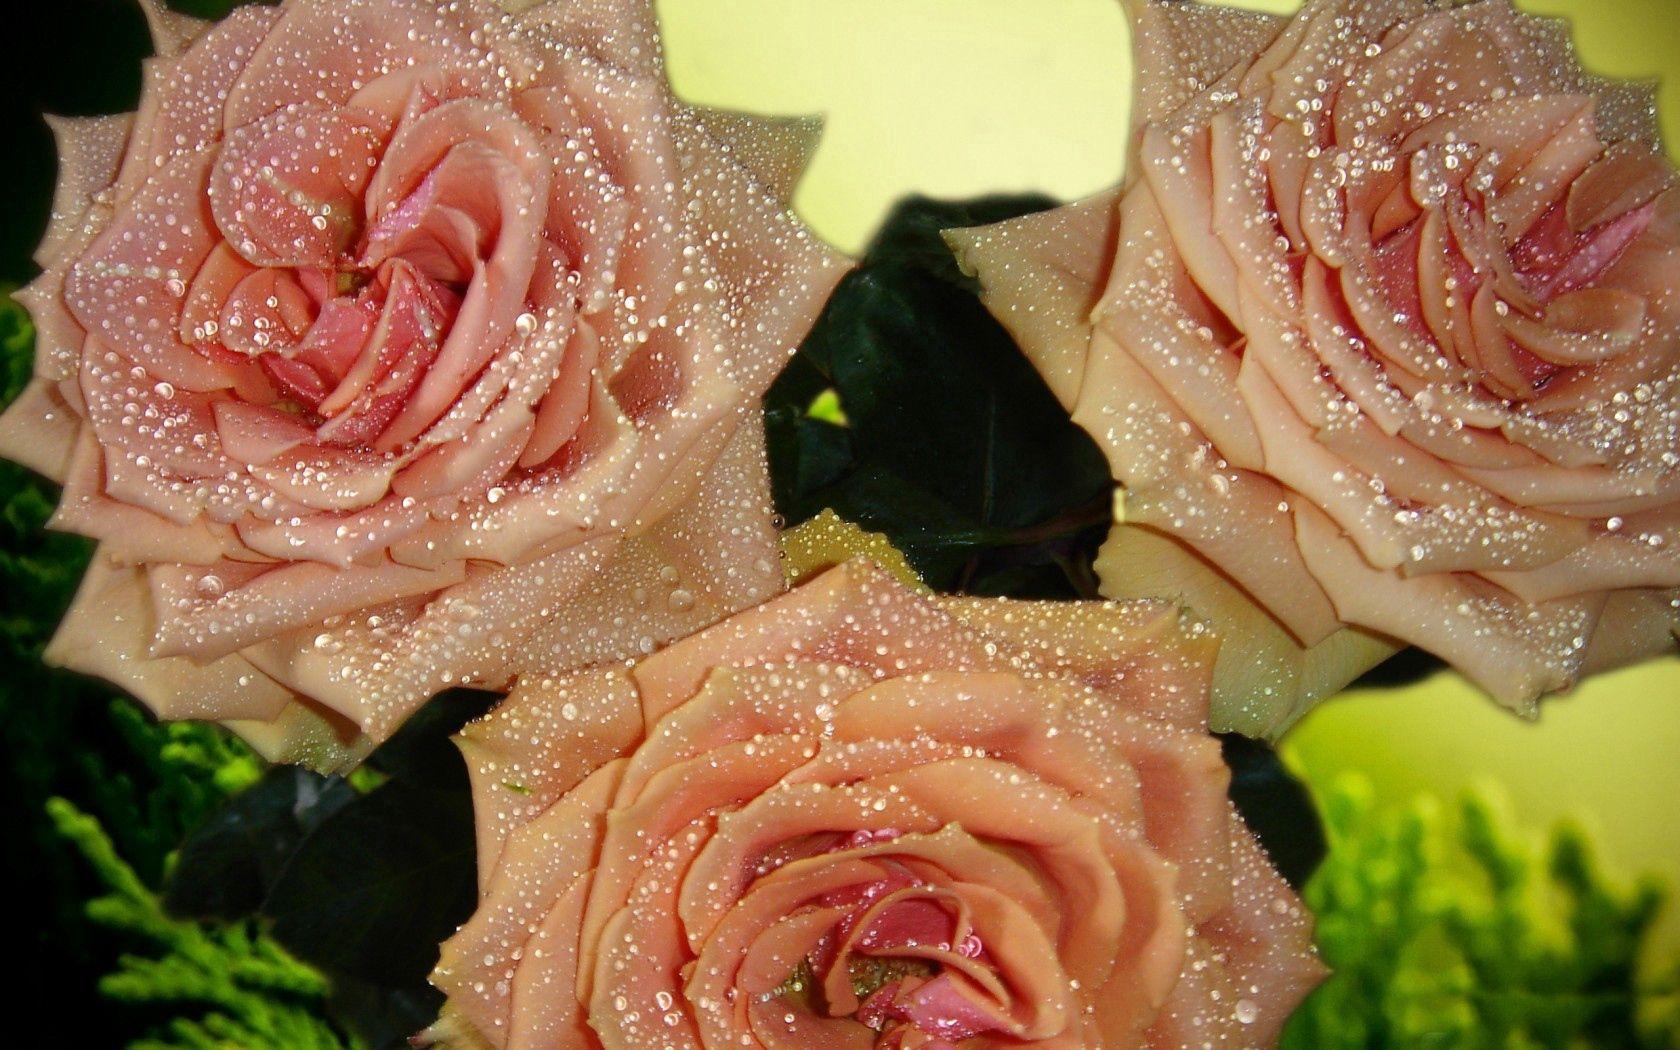 94641 скачать обои Бутоны, Букет, Роса, Цветы, Розы, Капли, Макро, Лепестки - заставки и картинки бесплатно